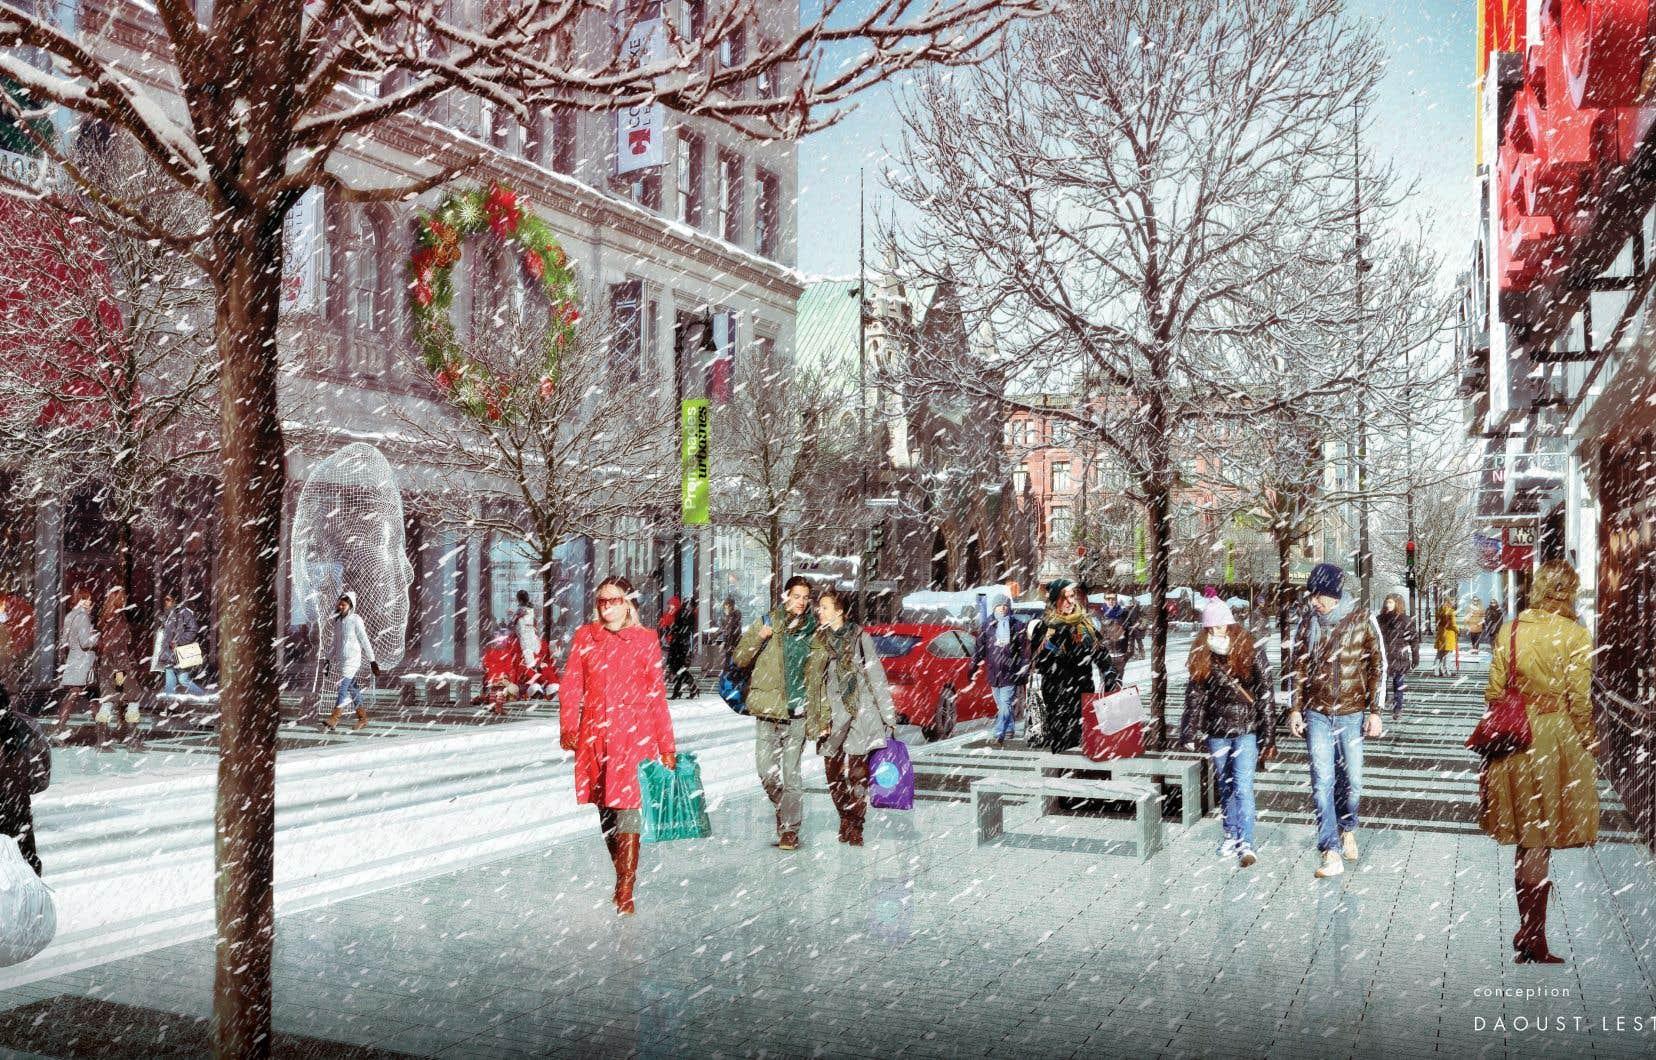 Le projet de réaménagement de la rue Sainte-Catherine Ouest présenté par l'administration de Denis Coderre en mai 2015 prévoyait la construction de trottoirs chauffants.